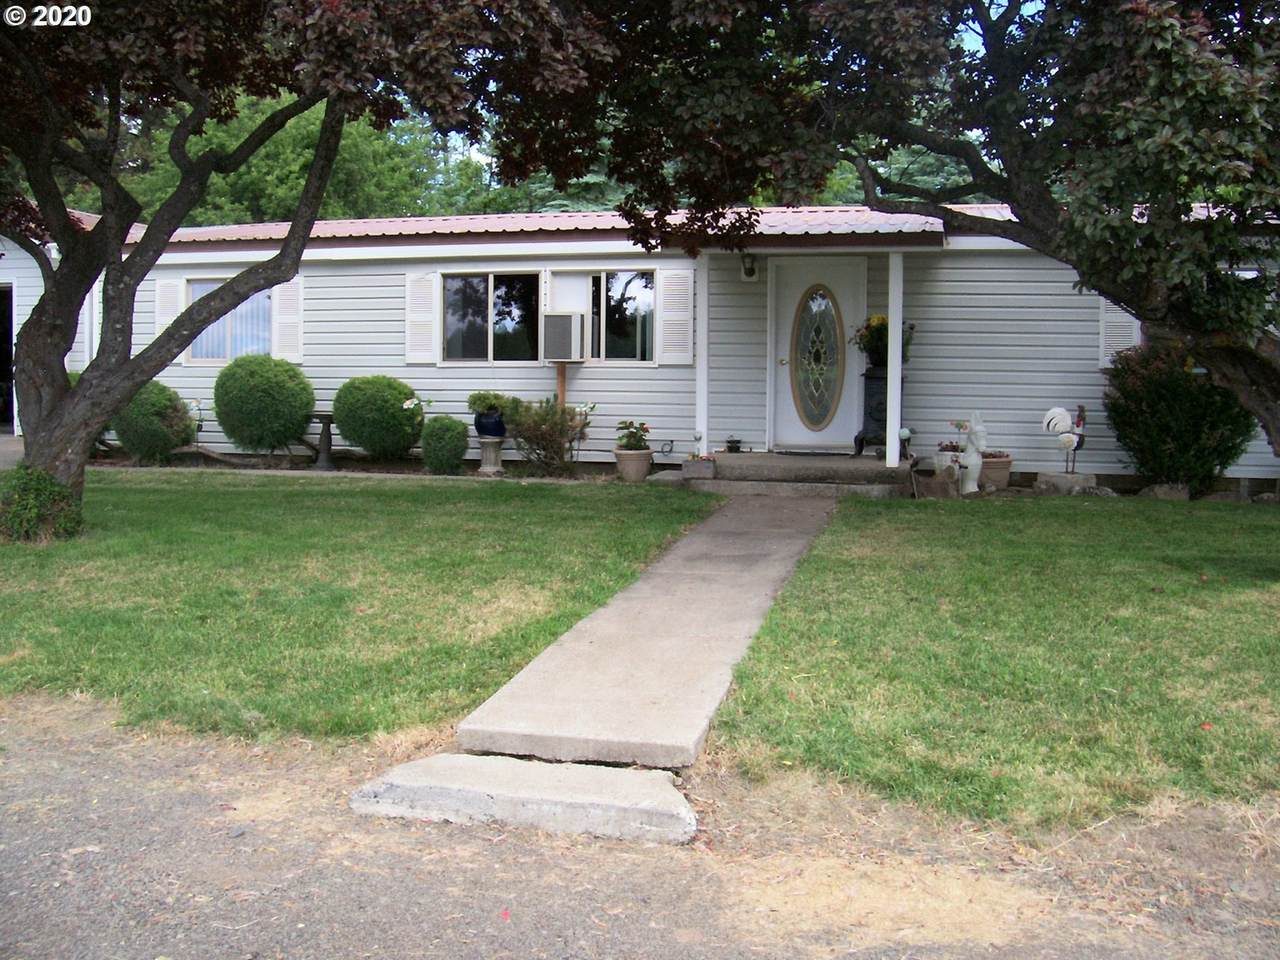 83350 Lewiston Hwy - Photo 1